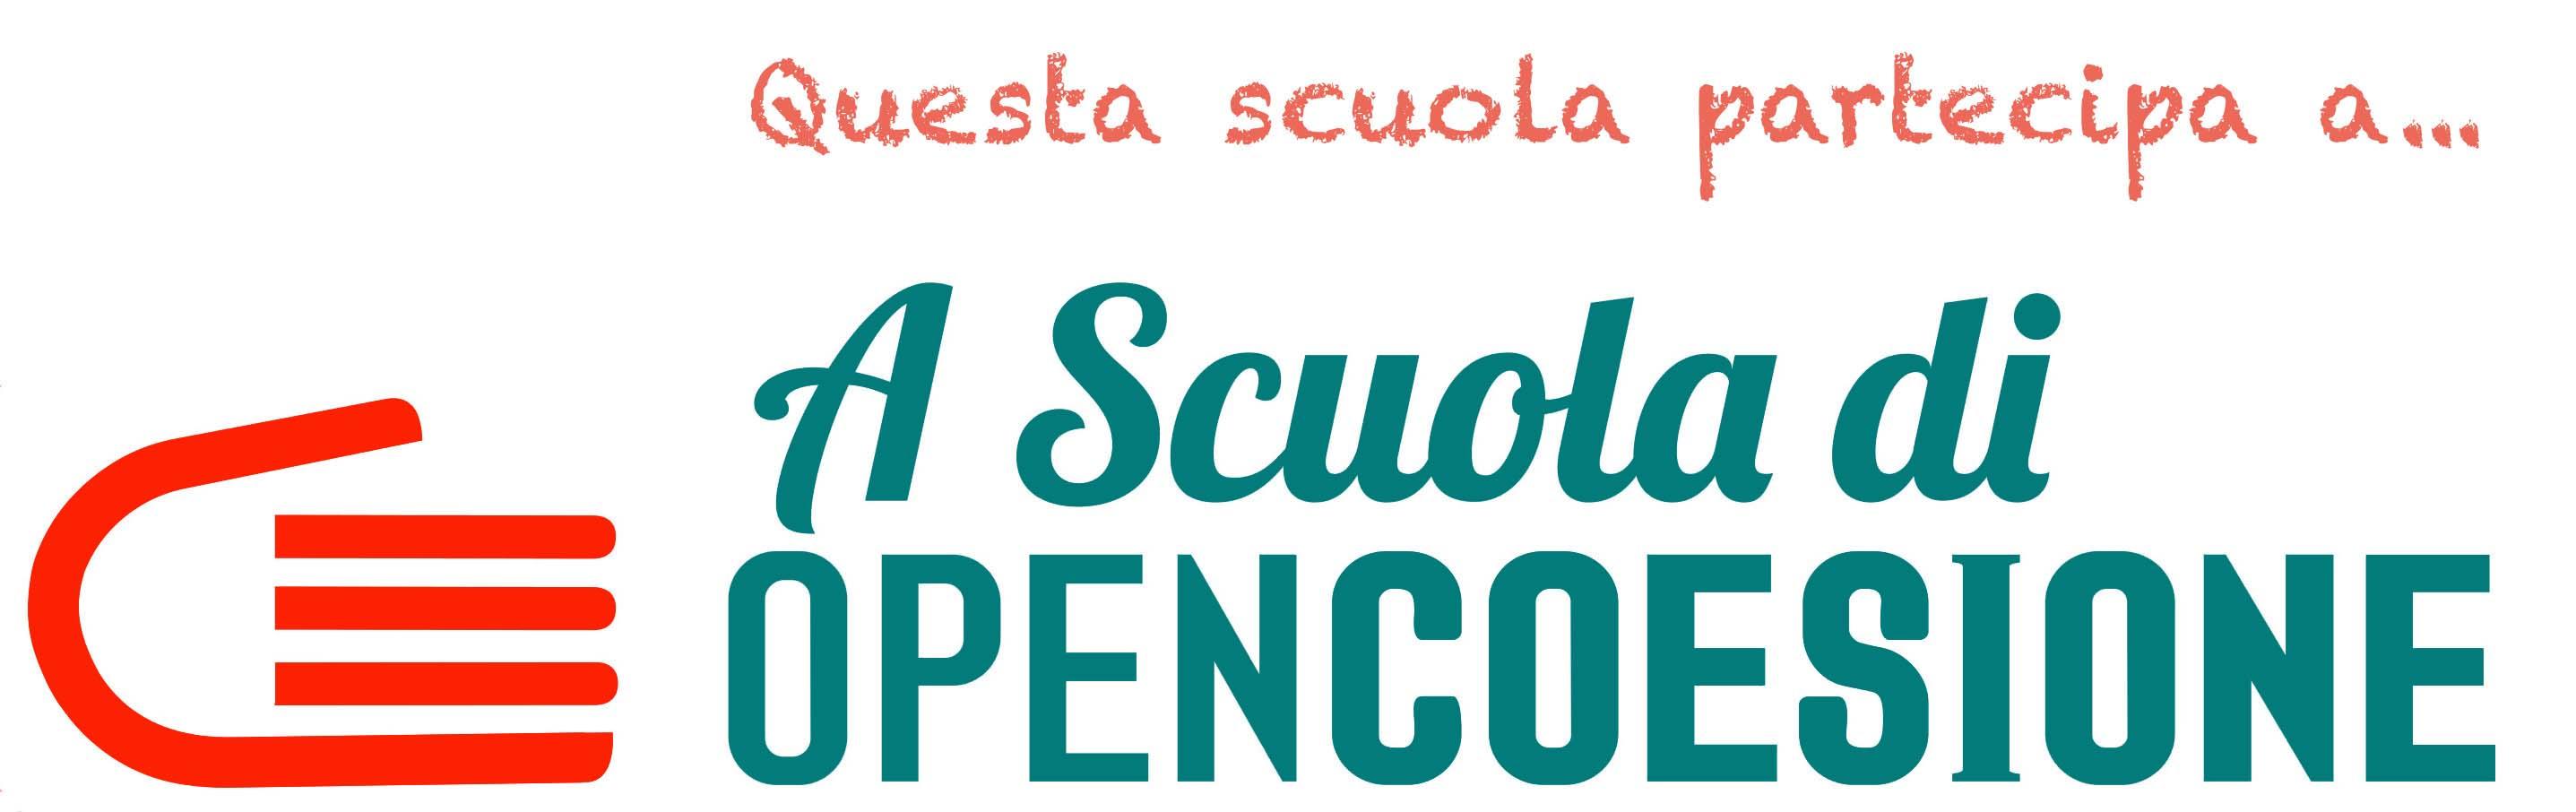 a-scuola-di-opencoesione-logo-scuole